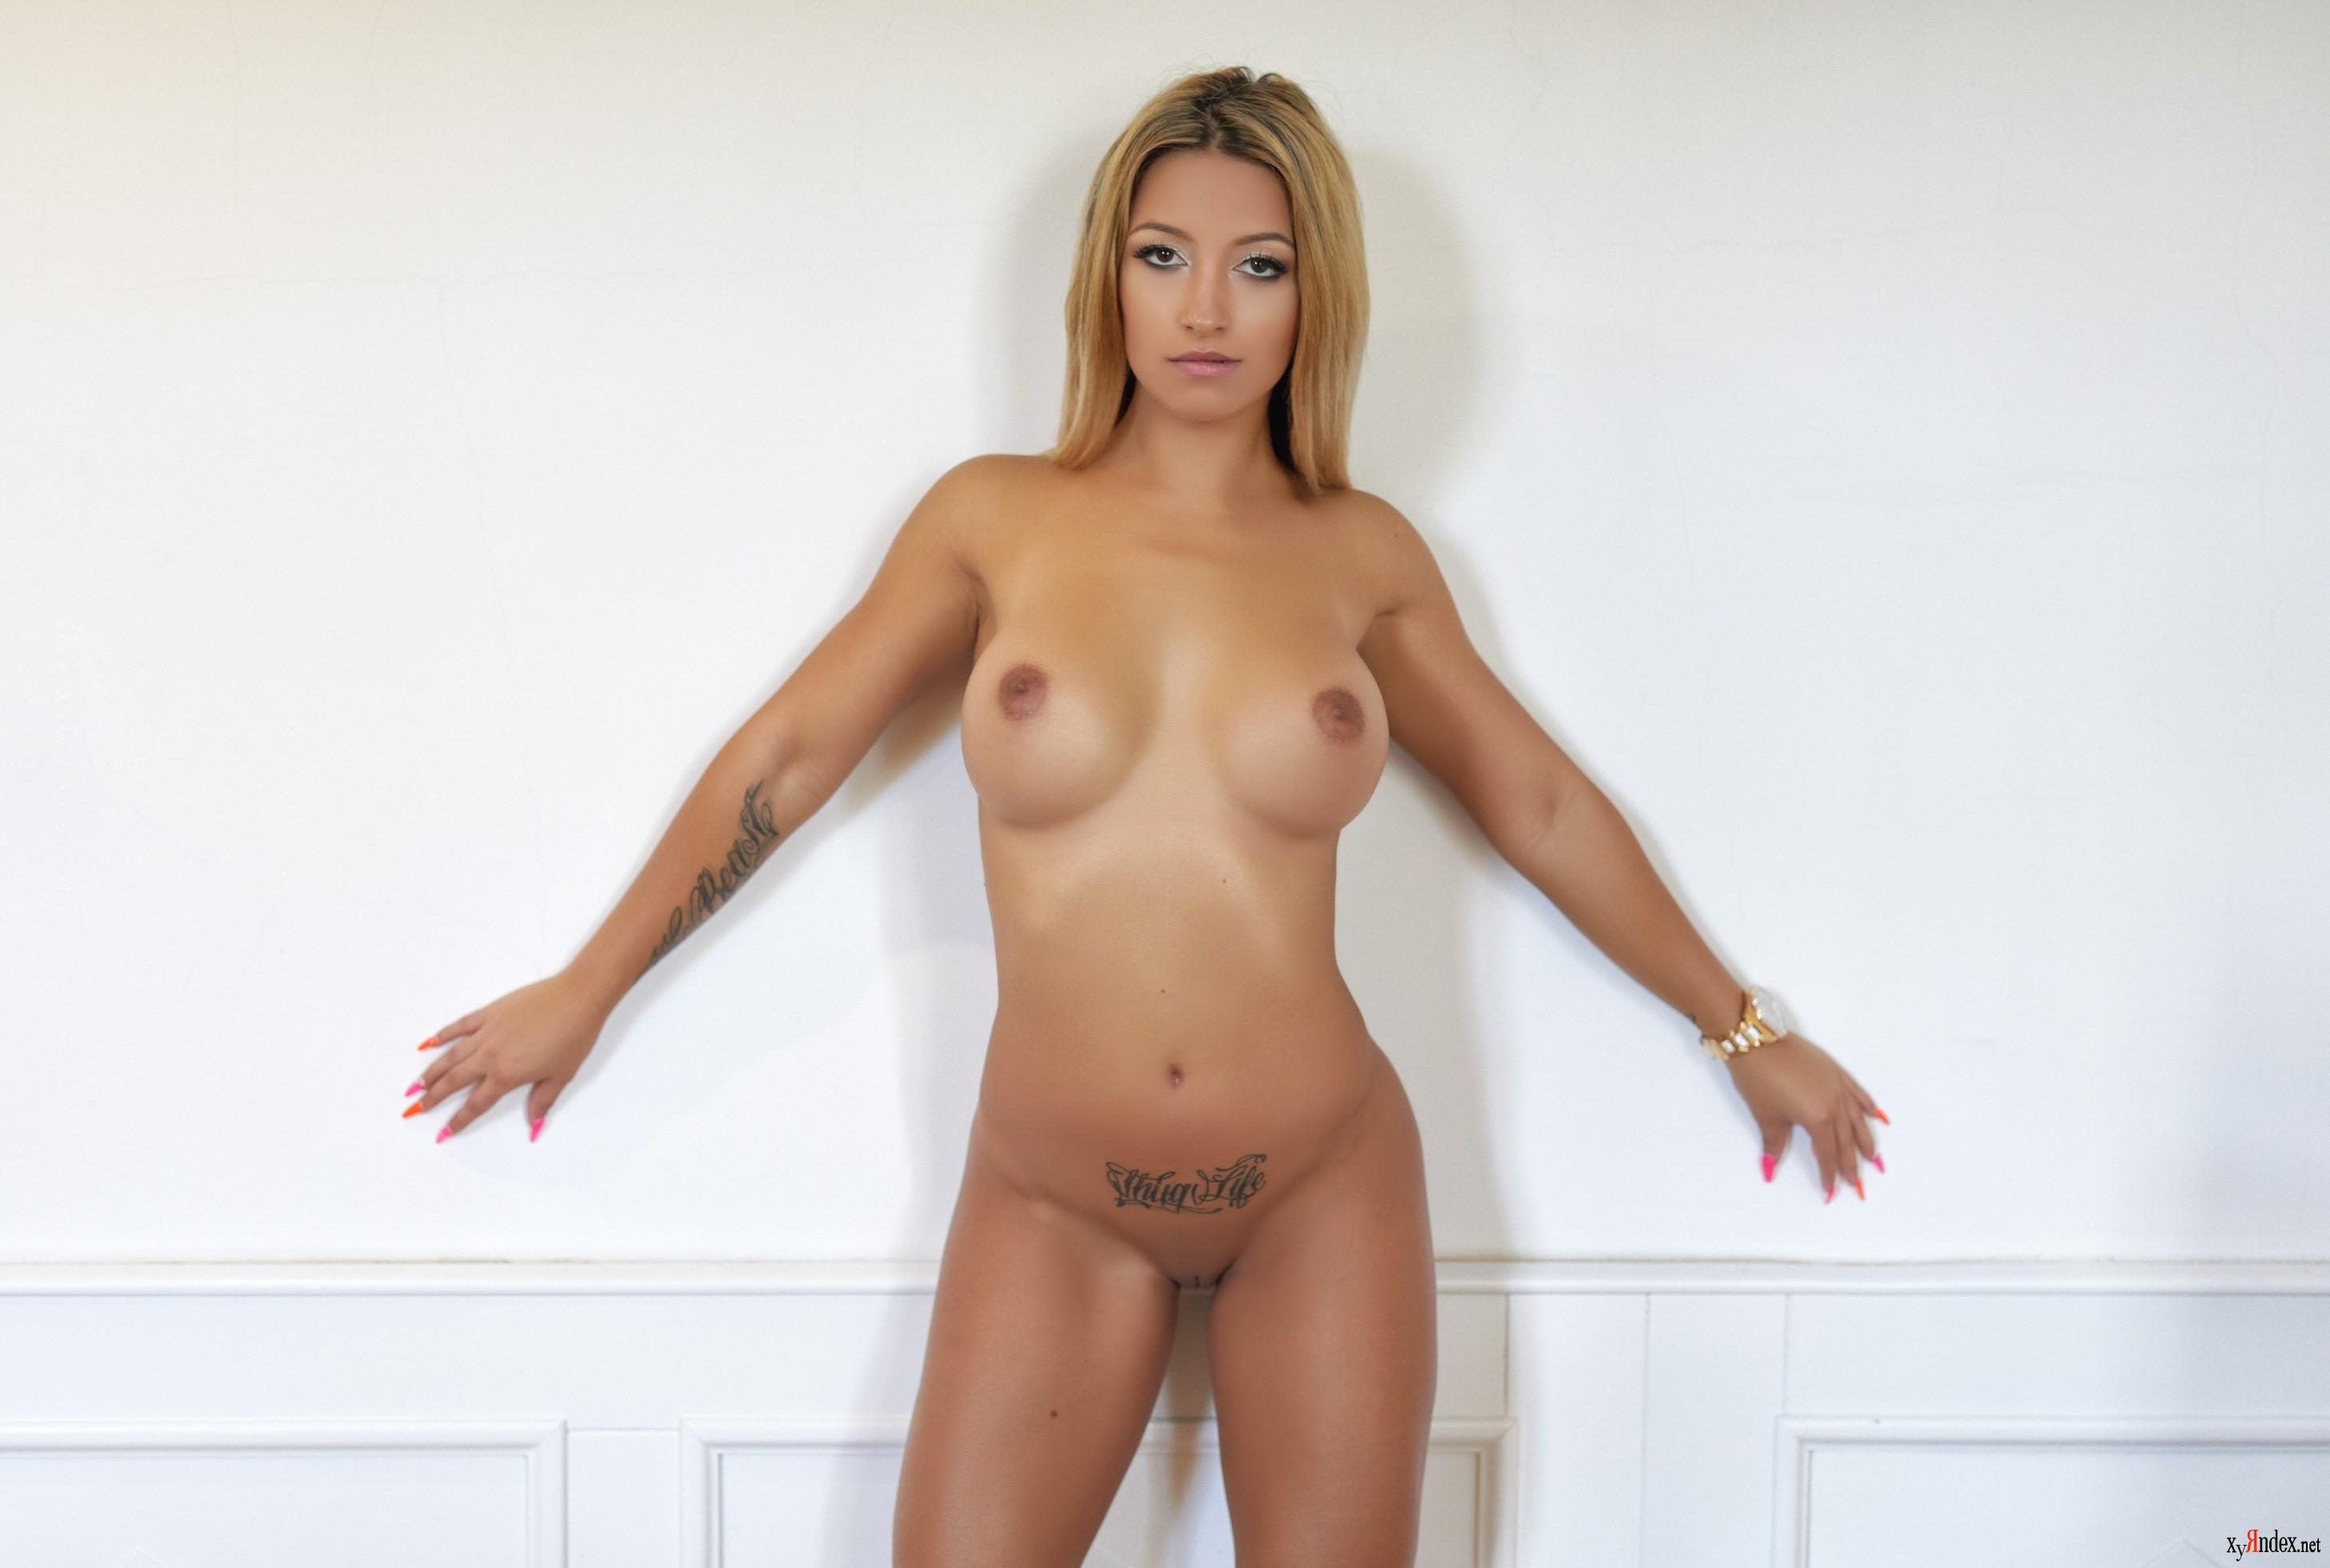 Linda Purl Nude Porn Pics